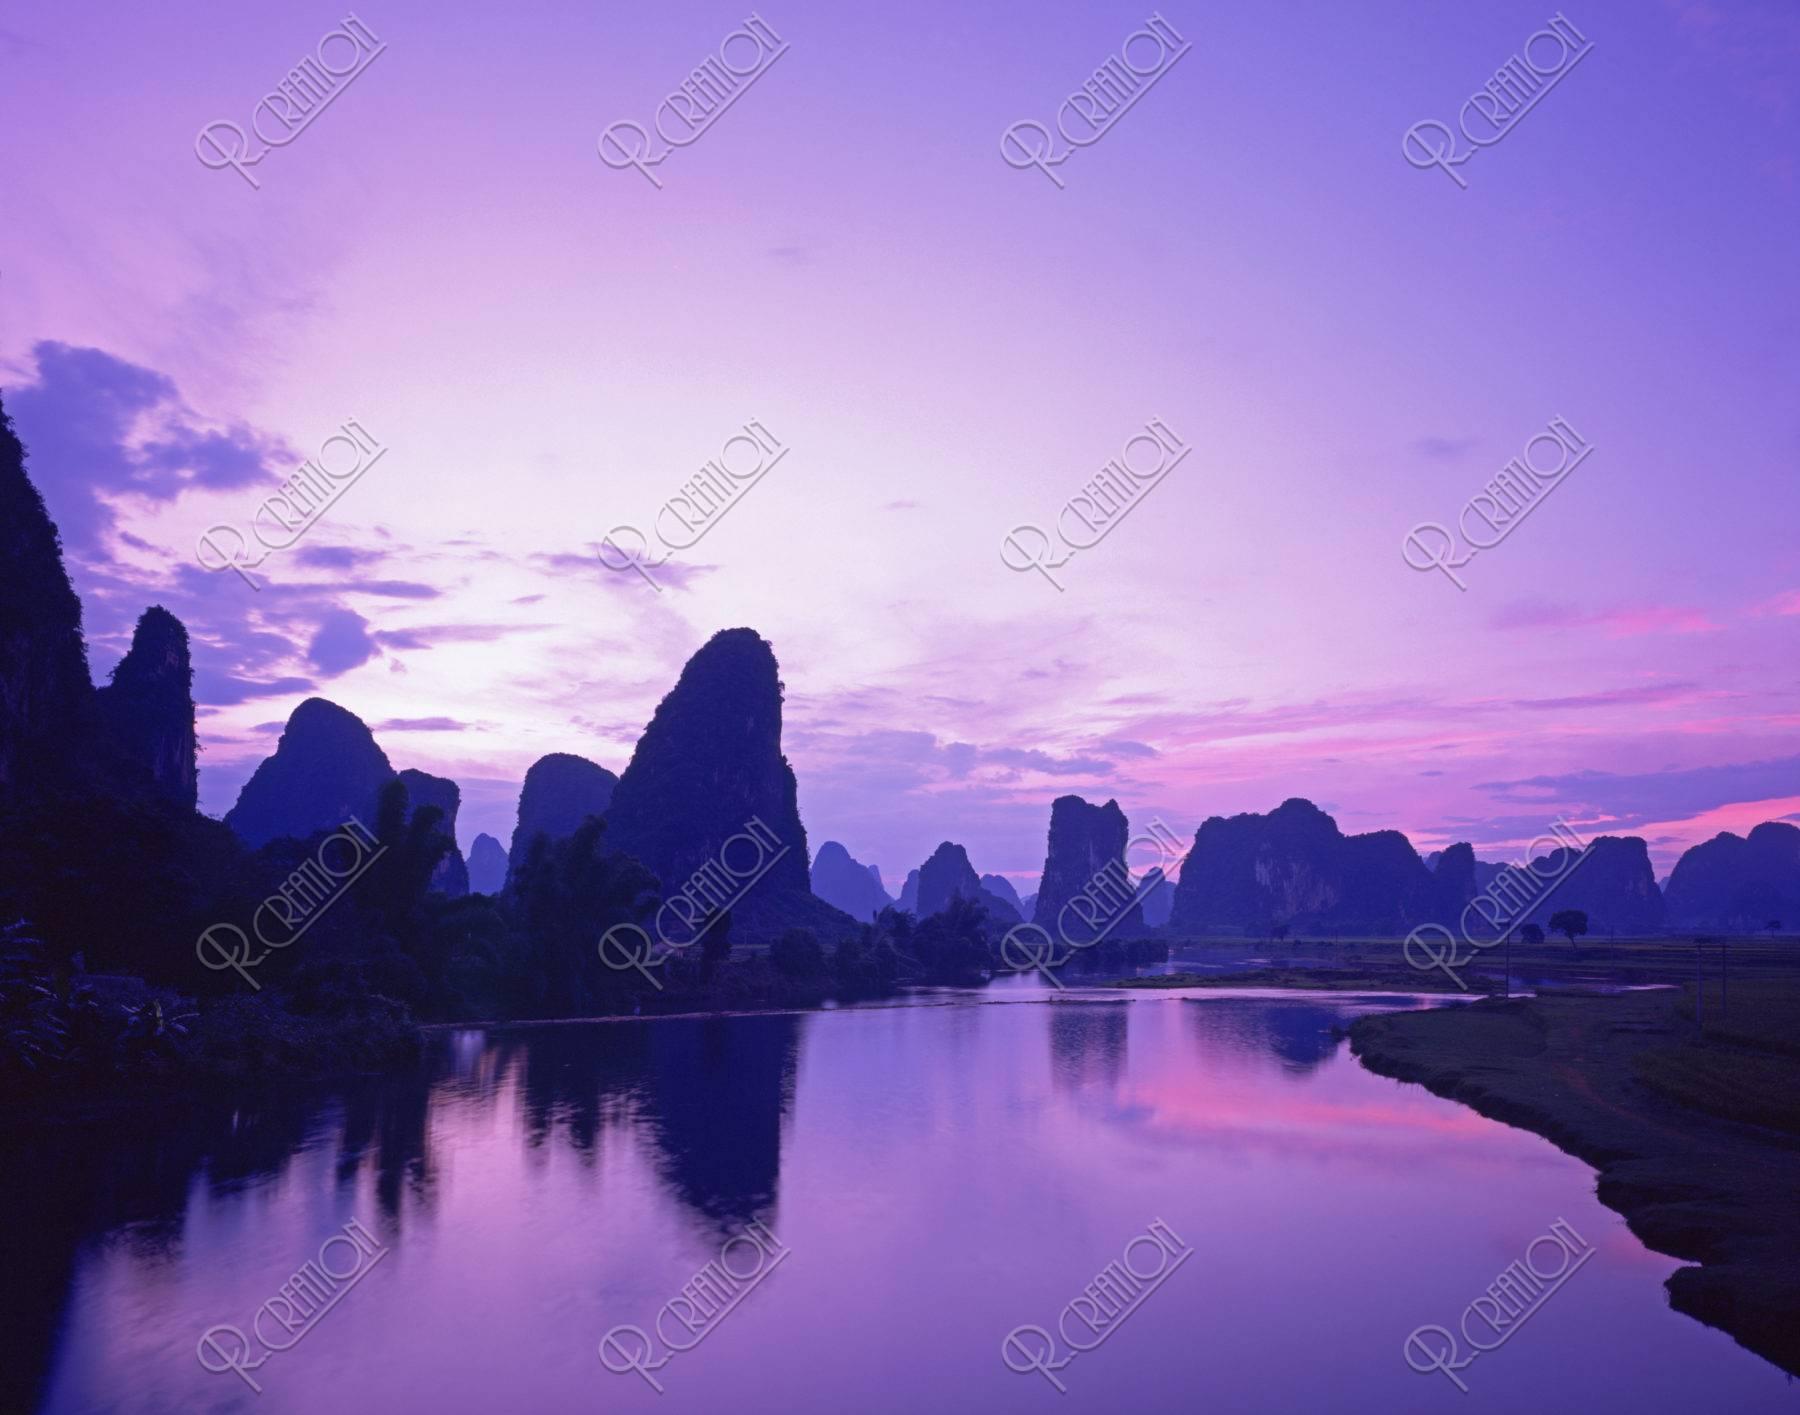 漓江と山並み